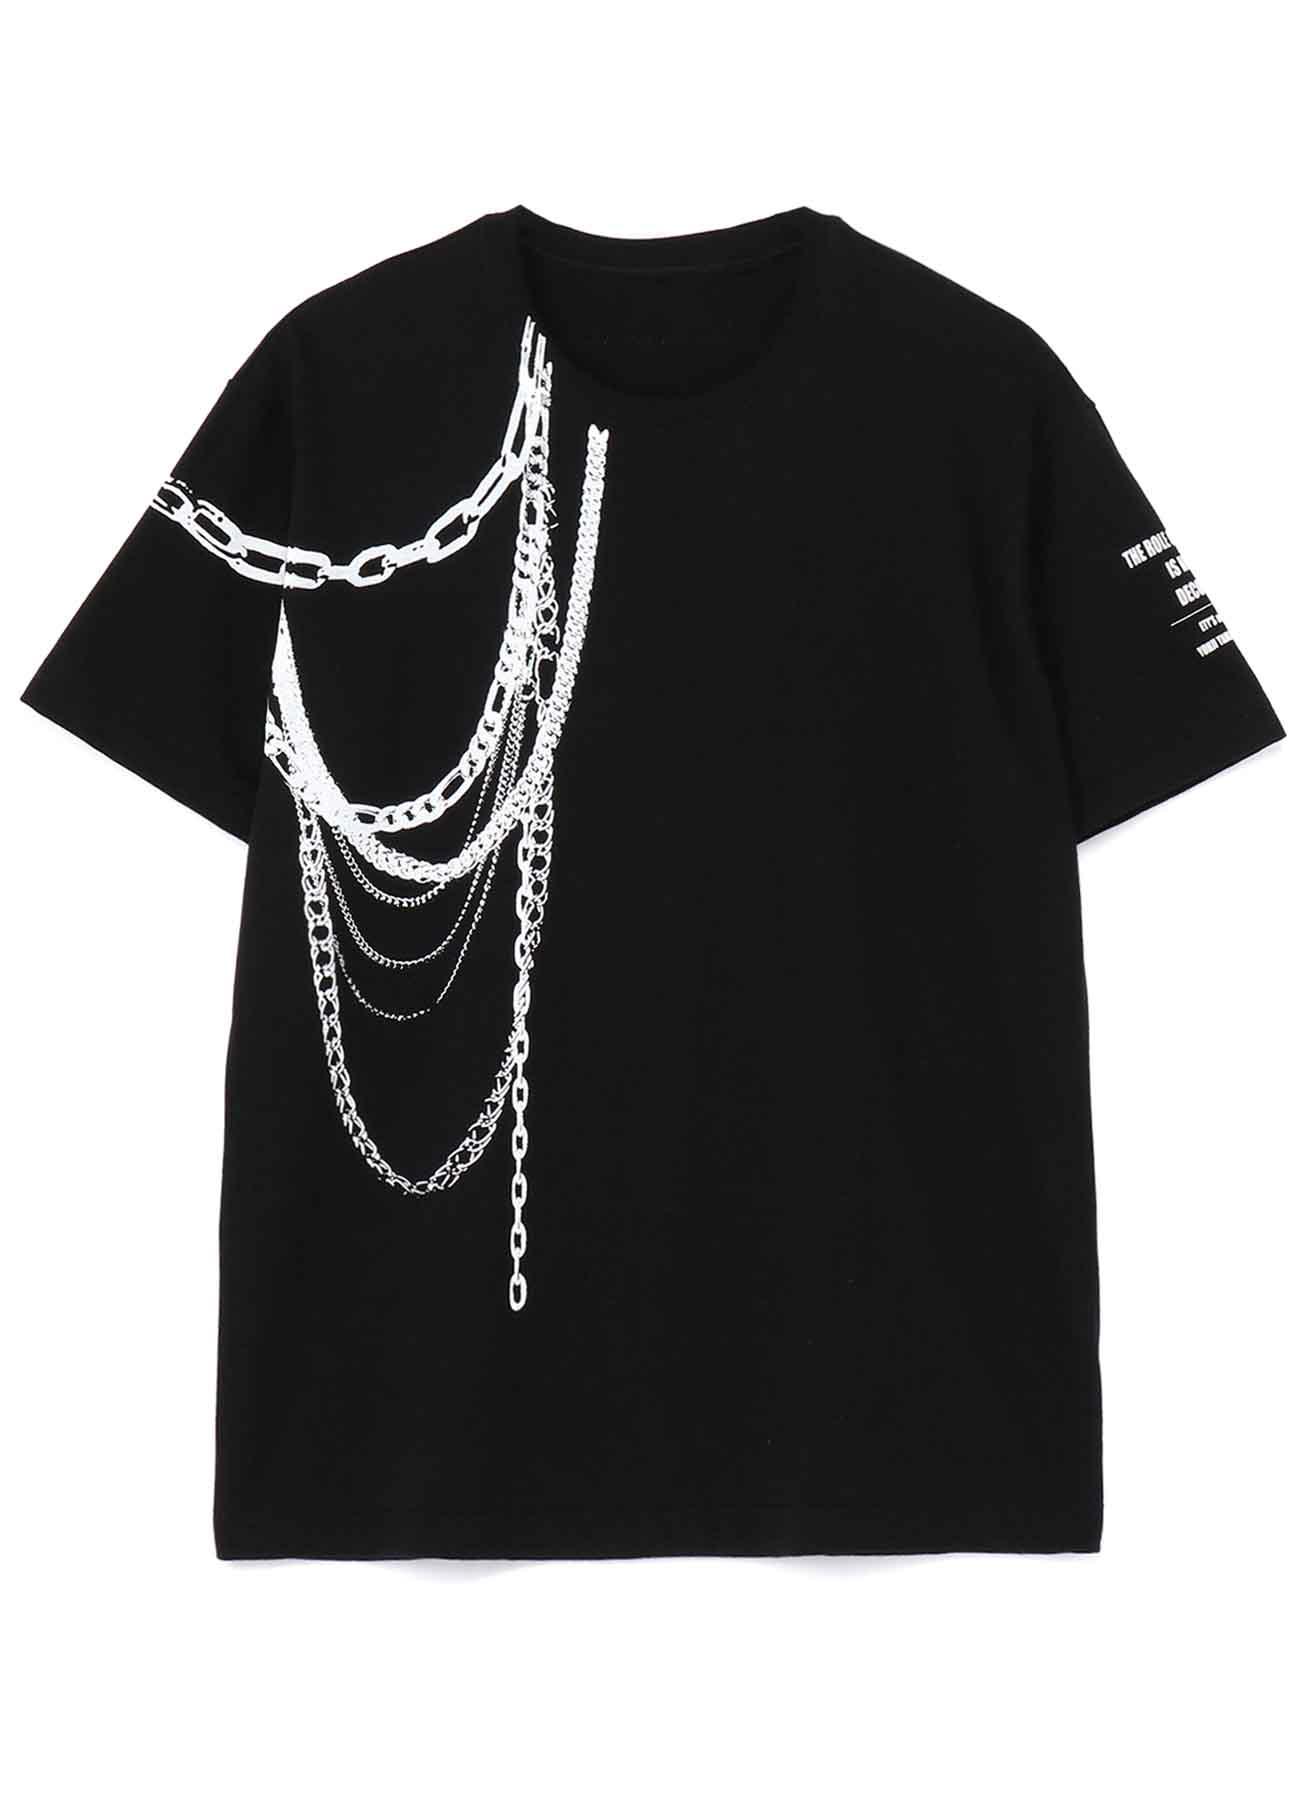 [ETY'S un Bijou] Aiguillette Chain Trompe-l'oeil T-shirt